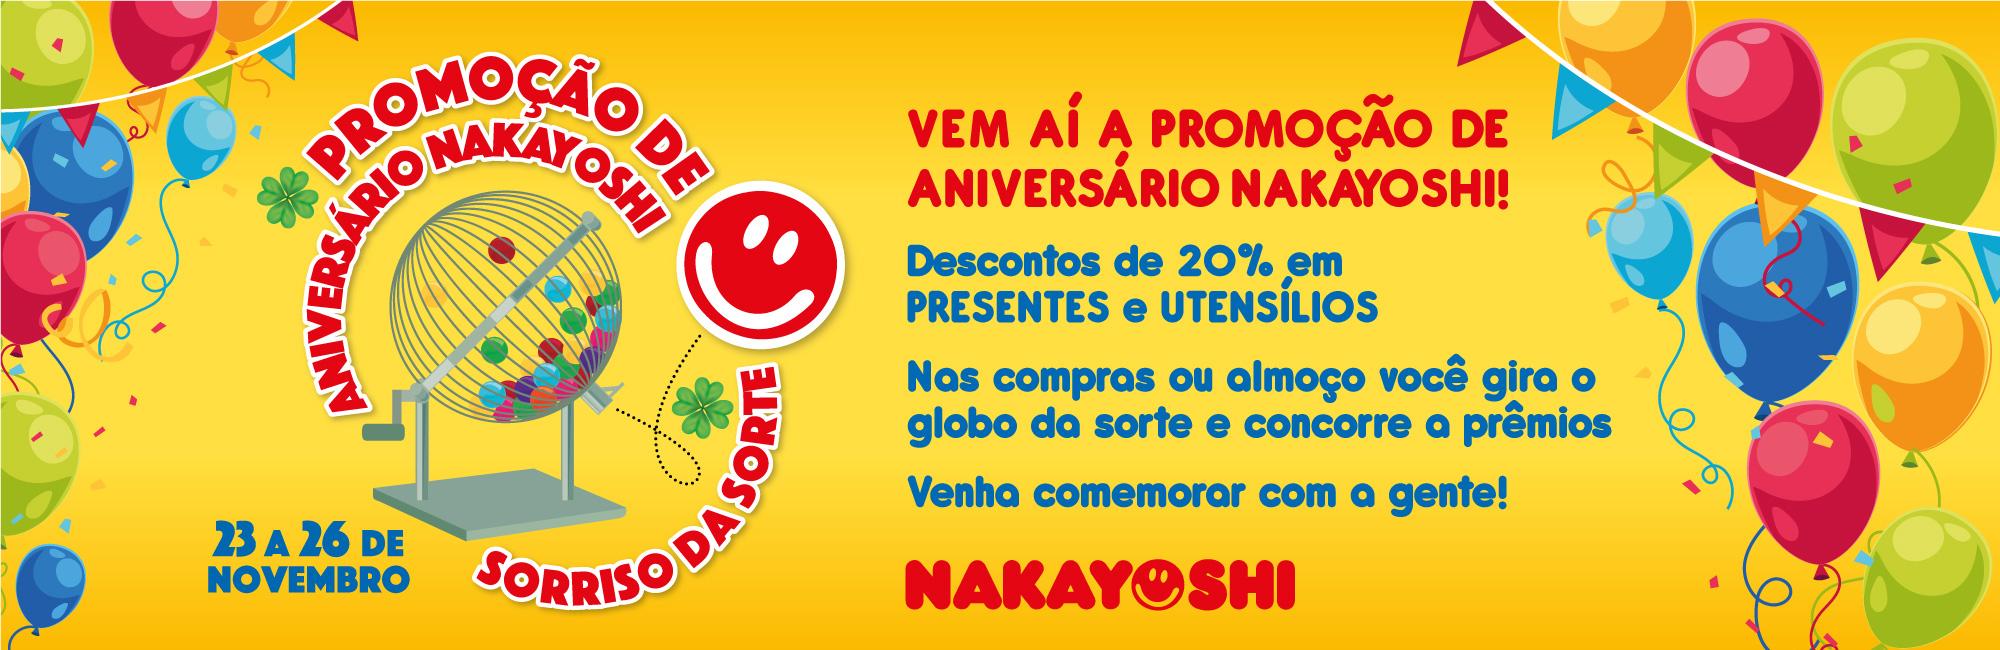 PROMOÇÃO DE ANIVERSÁRIO NAKAYOSHI | SORRISO DA SORTE